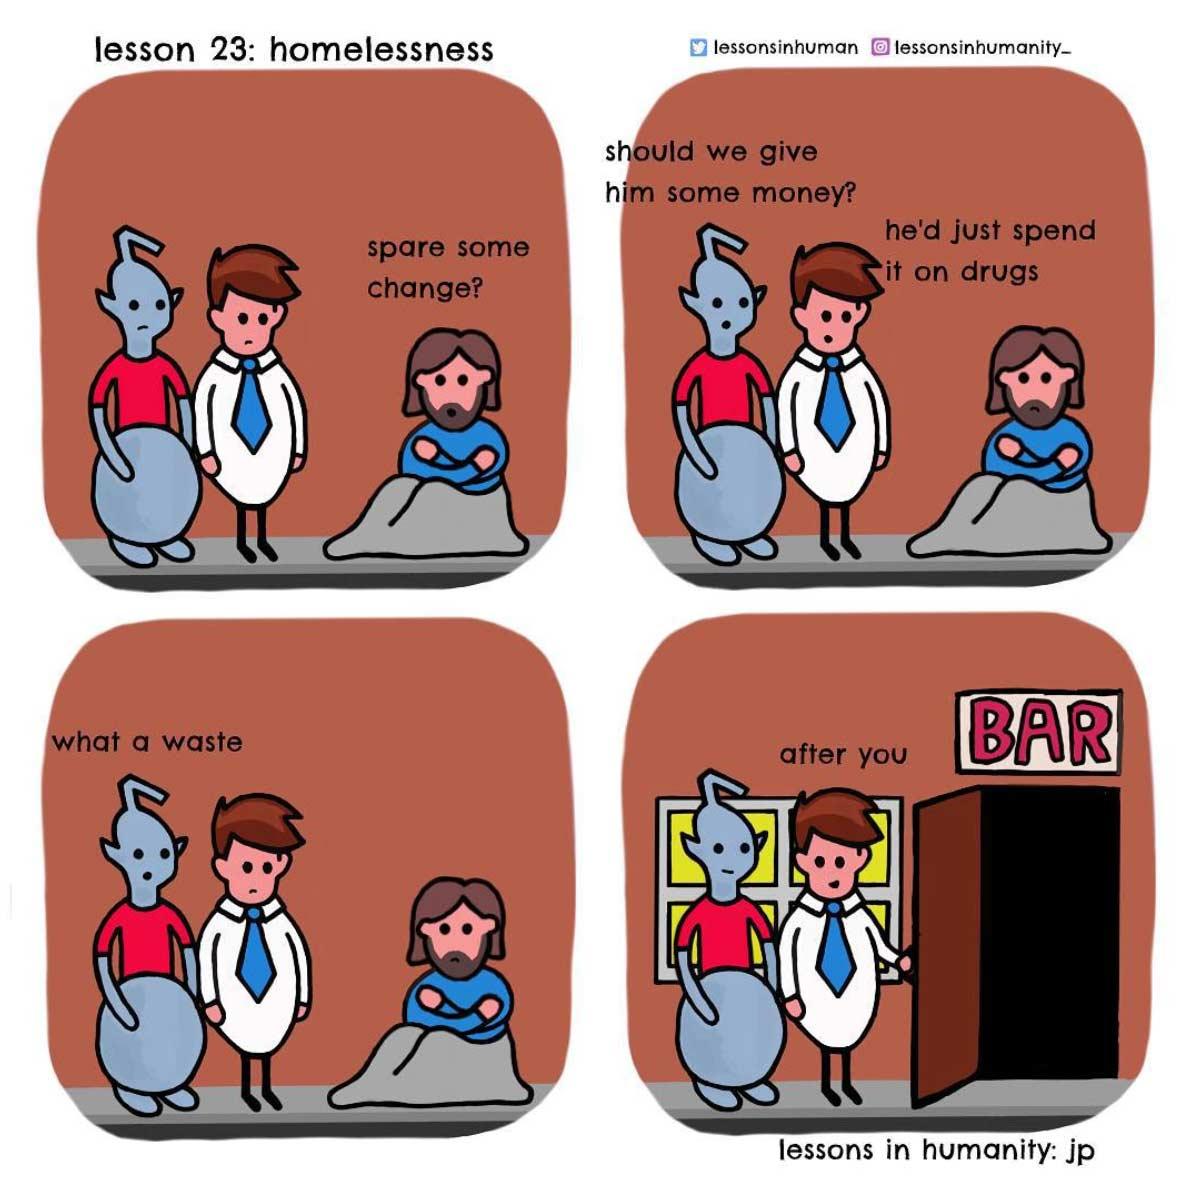 Einem Alien menschliches Verhalten erklären lessons-in-humanity-webcomic_08